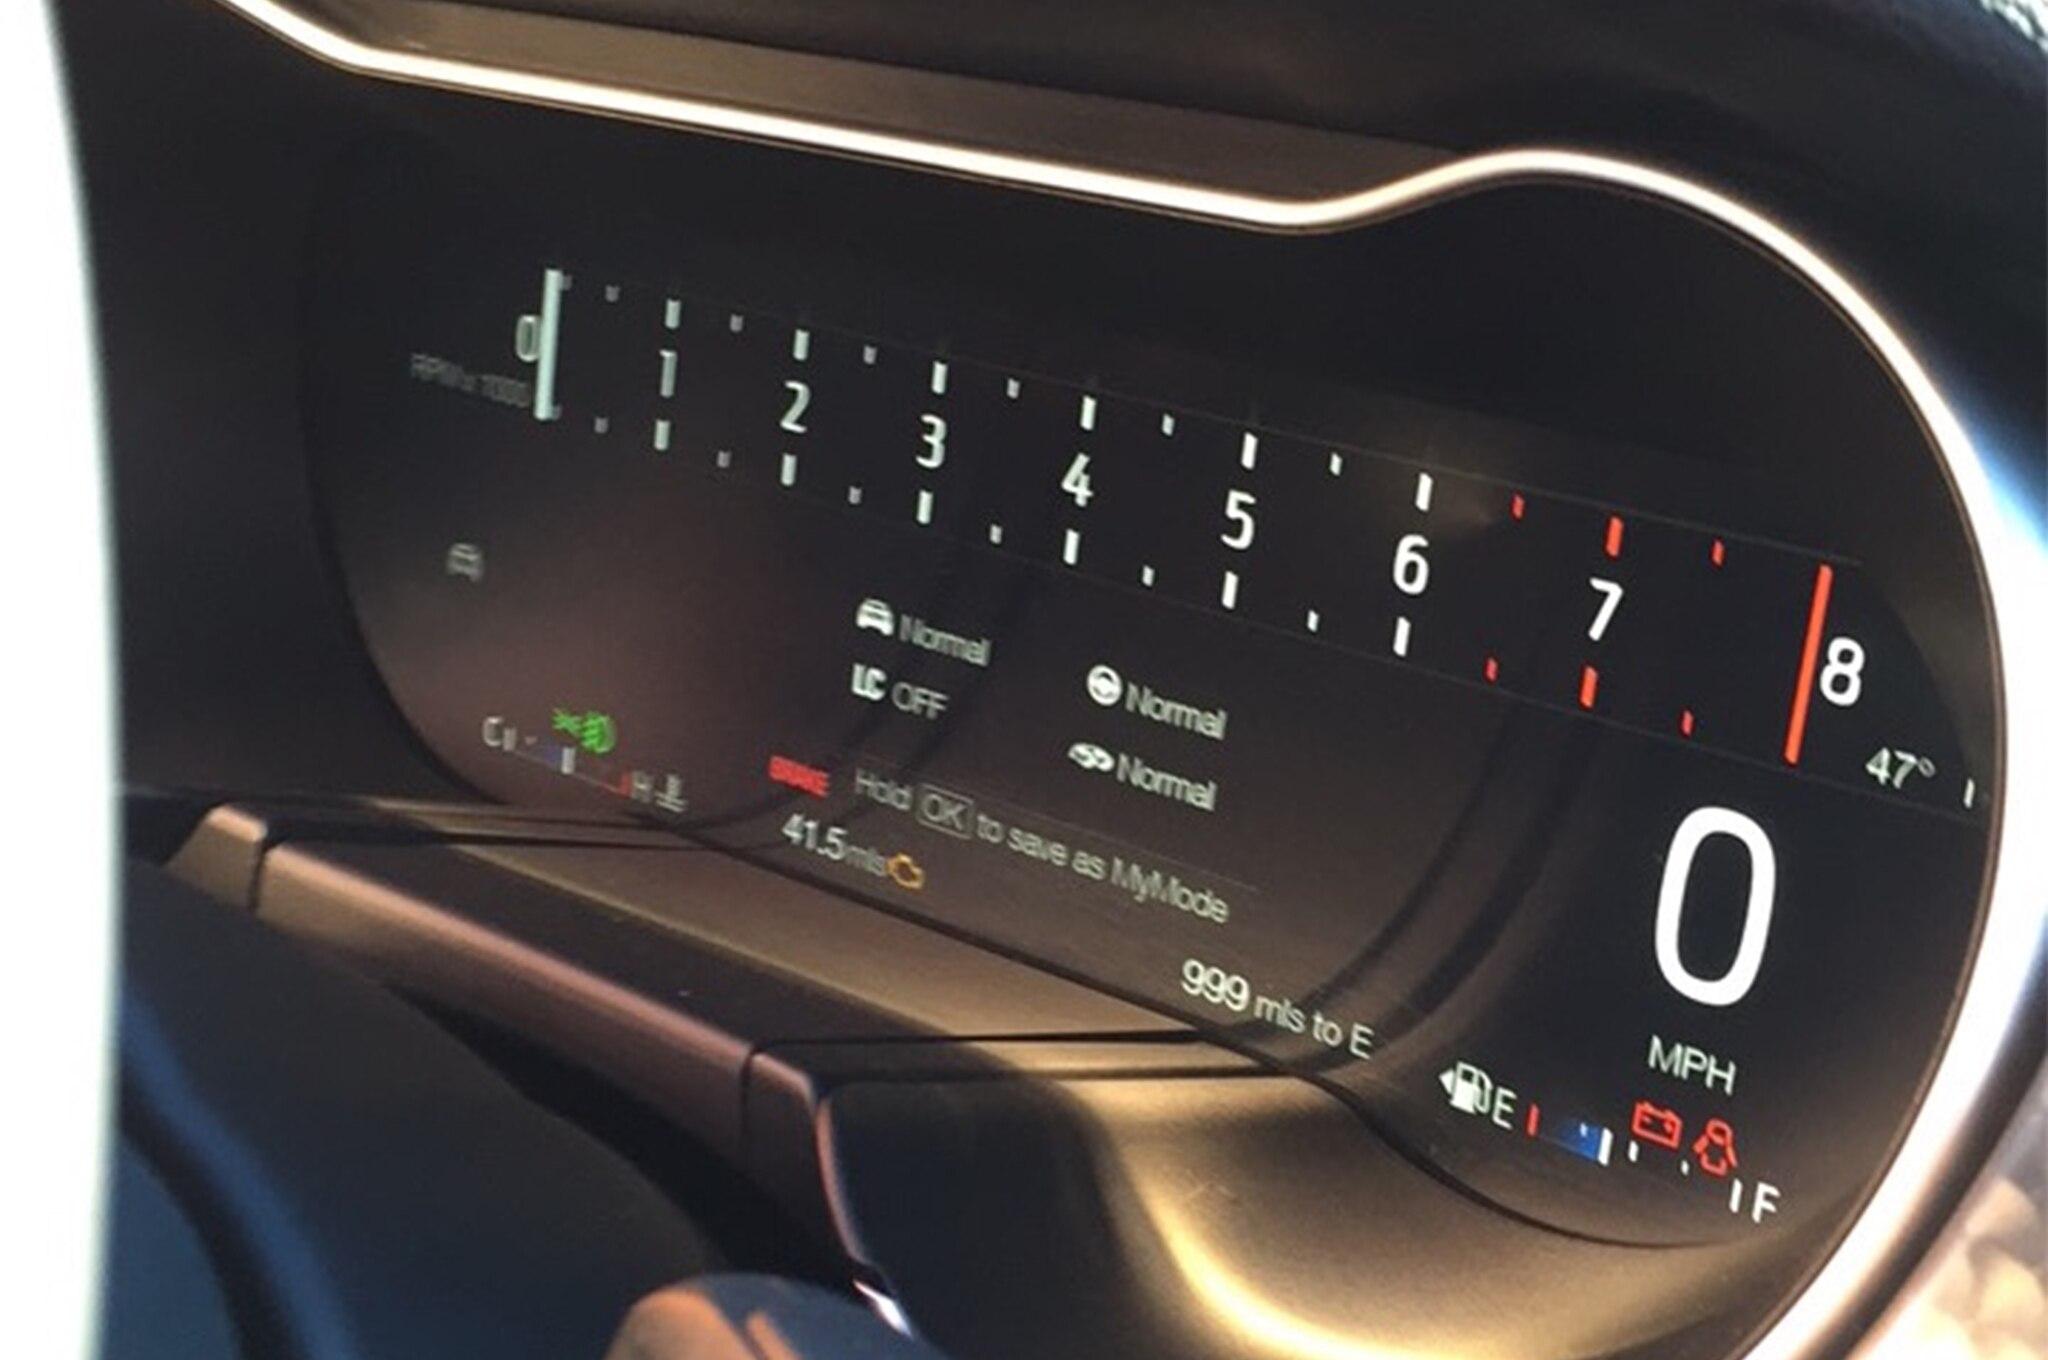 2018 Ford Mustang GT V8 Performance Pack digital instrument cluster